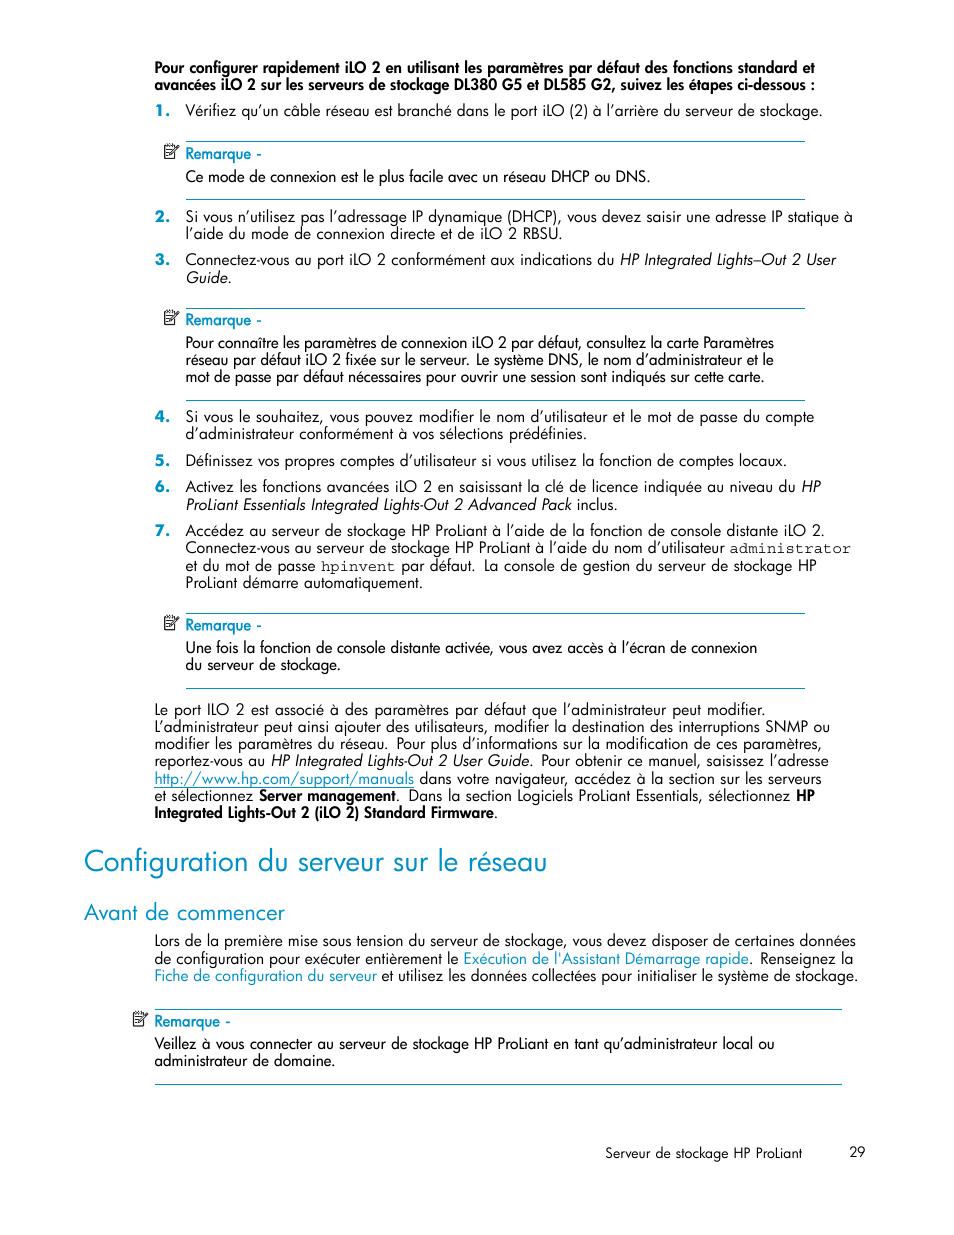 Configuration du serveur sur le réseau, Avant de commencer | HP